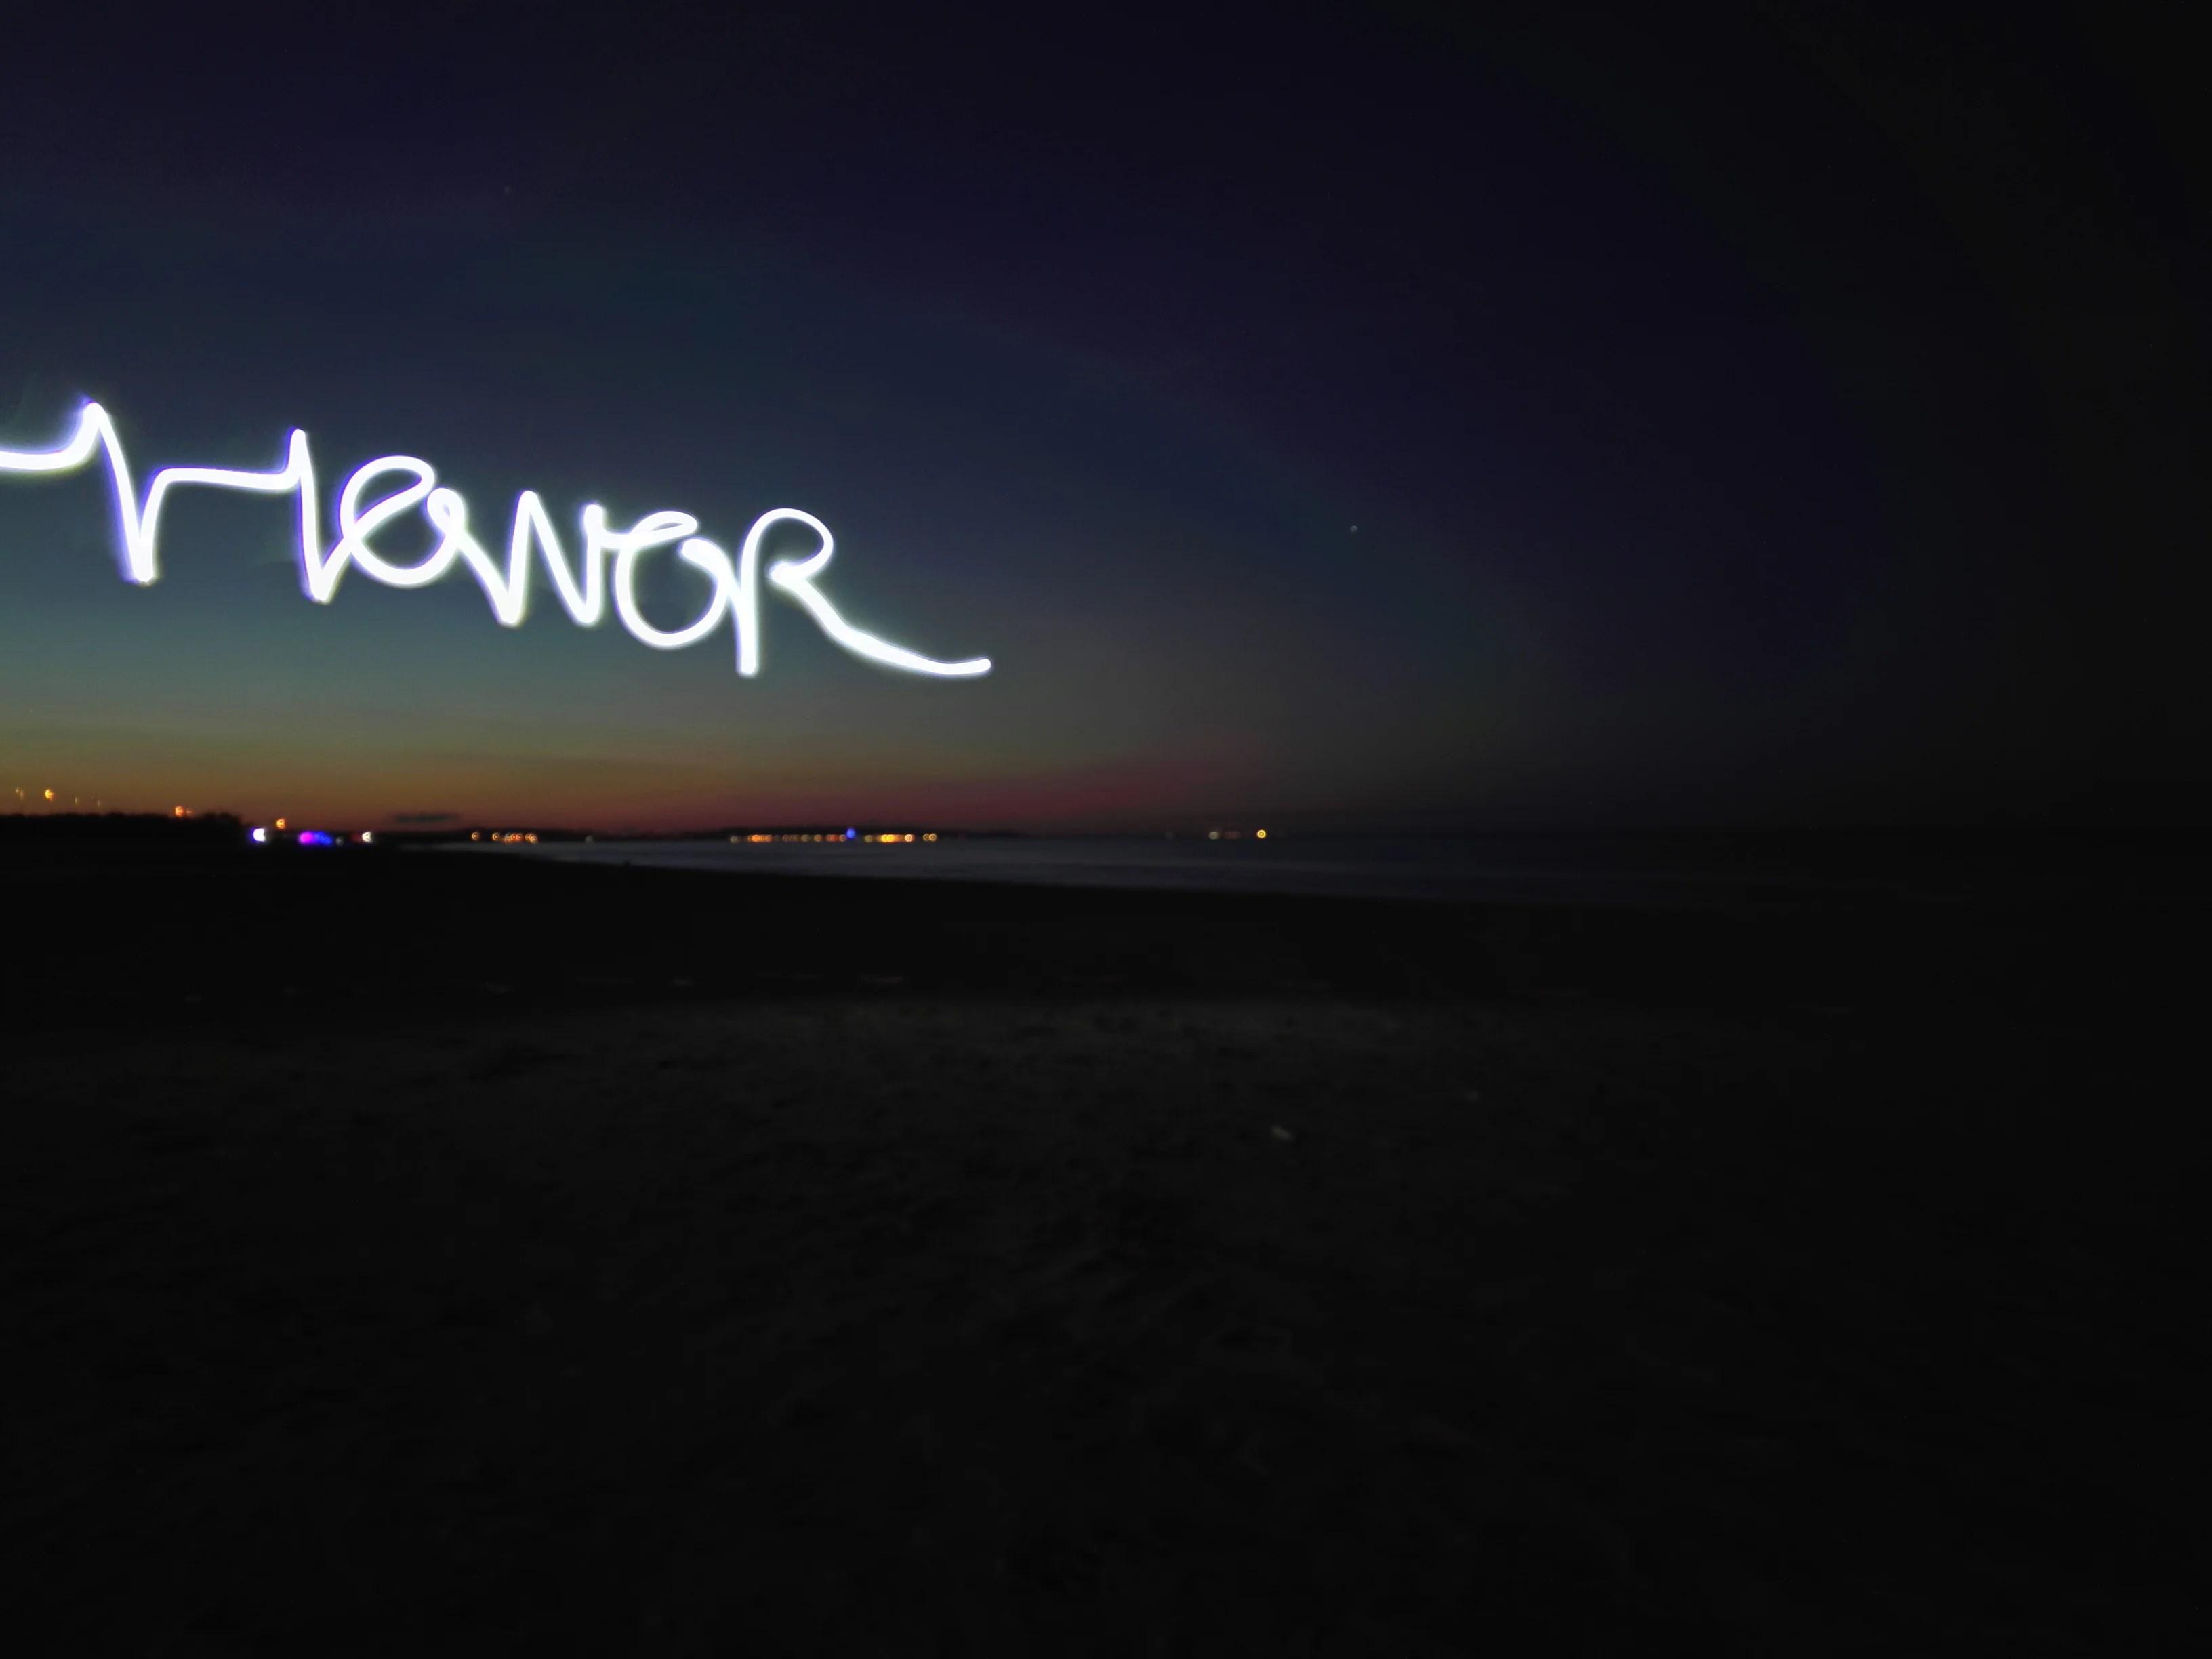 Les meilleurs modes photo de nuit sur Honor 7